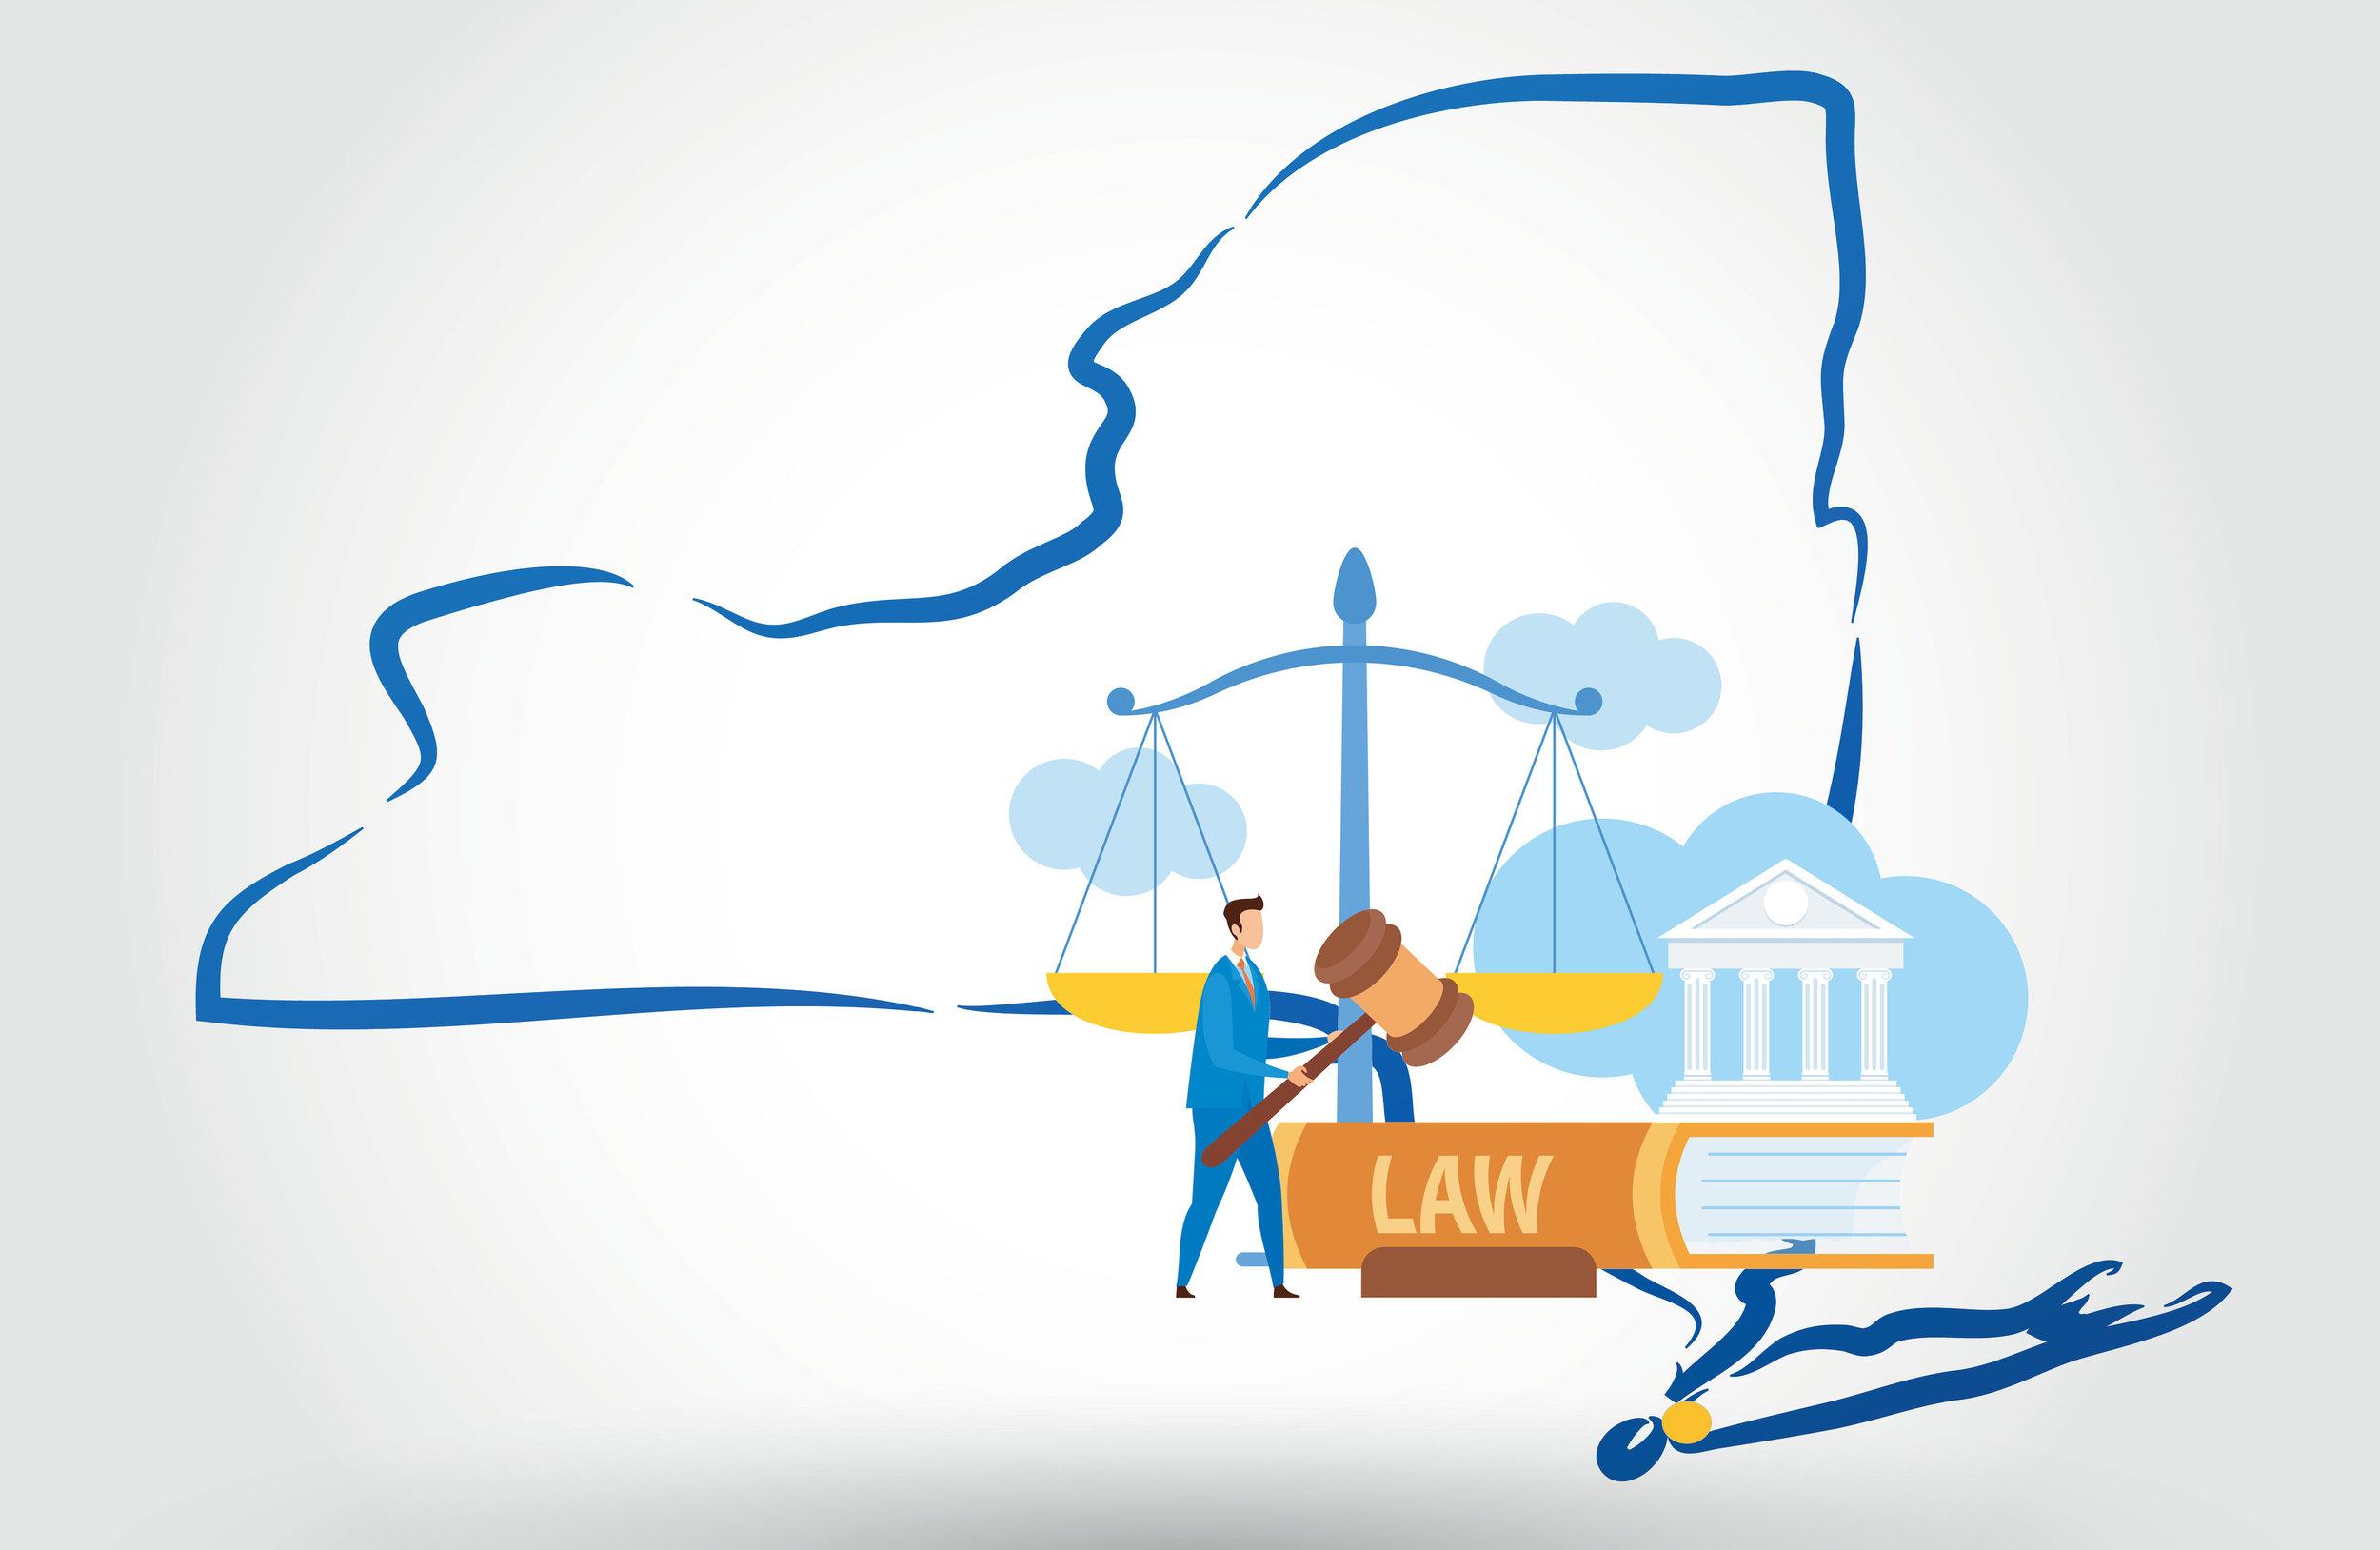 NY Law image.jpg